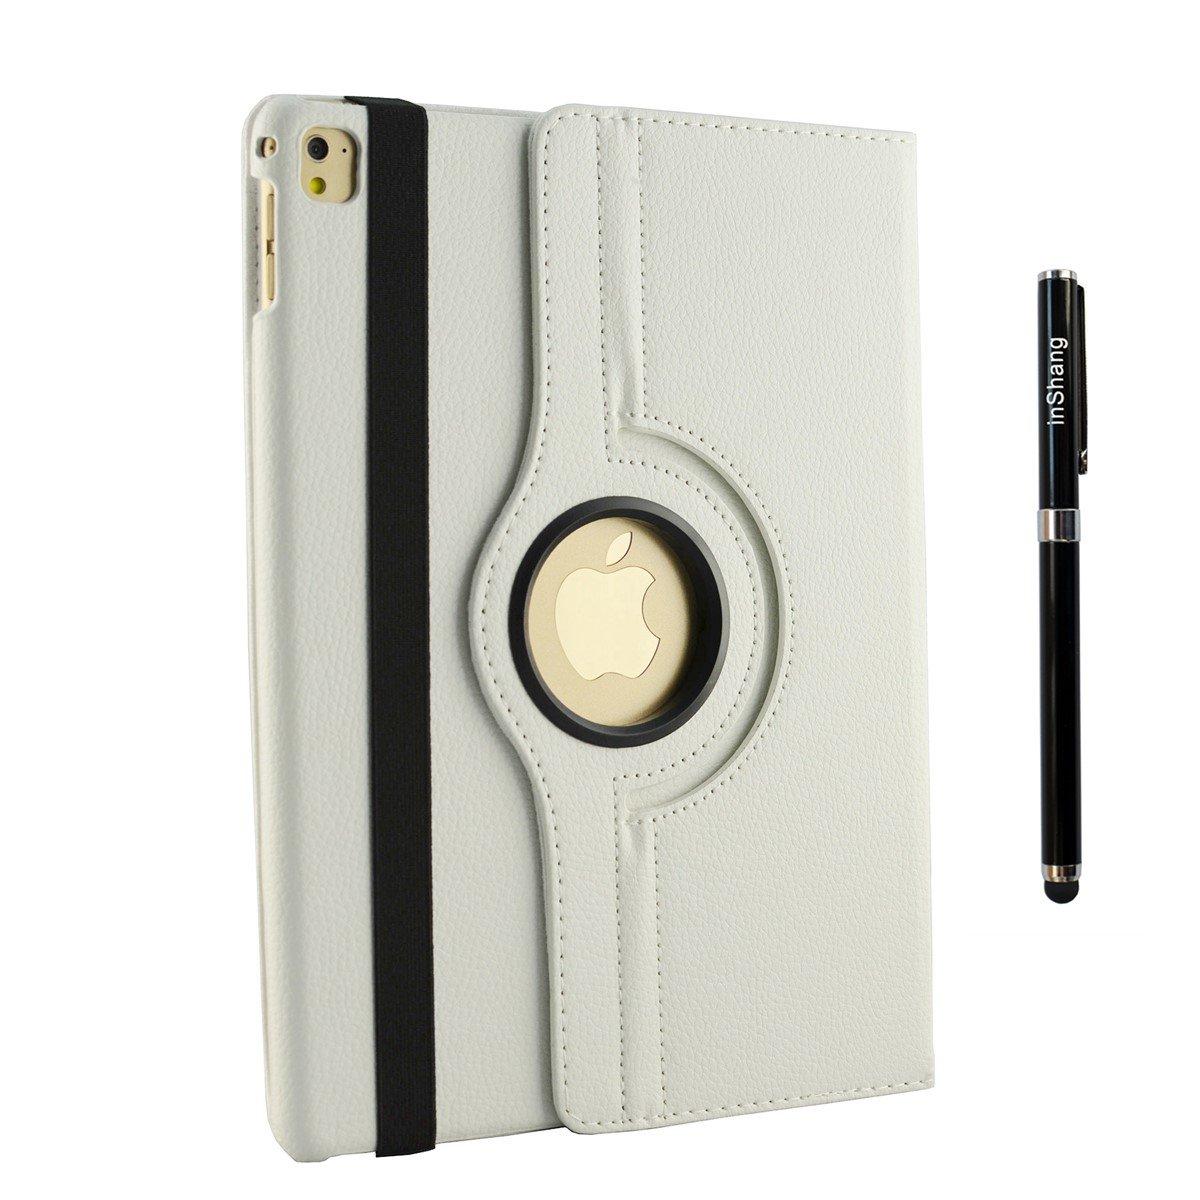 360 Grad rotierende Schutzh/ülle mit Standfunktion inShang ipad H/ülle f/ür 10.5 inch iPad air 3 ipad 2019 ipad Pro 2017 PU Leder,ipad Cover mit Auto Einschlaf//Aufwach Funktion Freier Stift